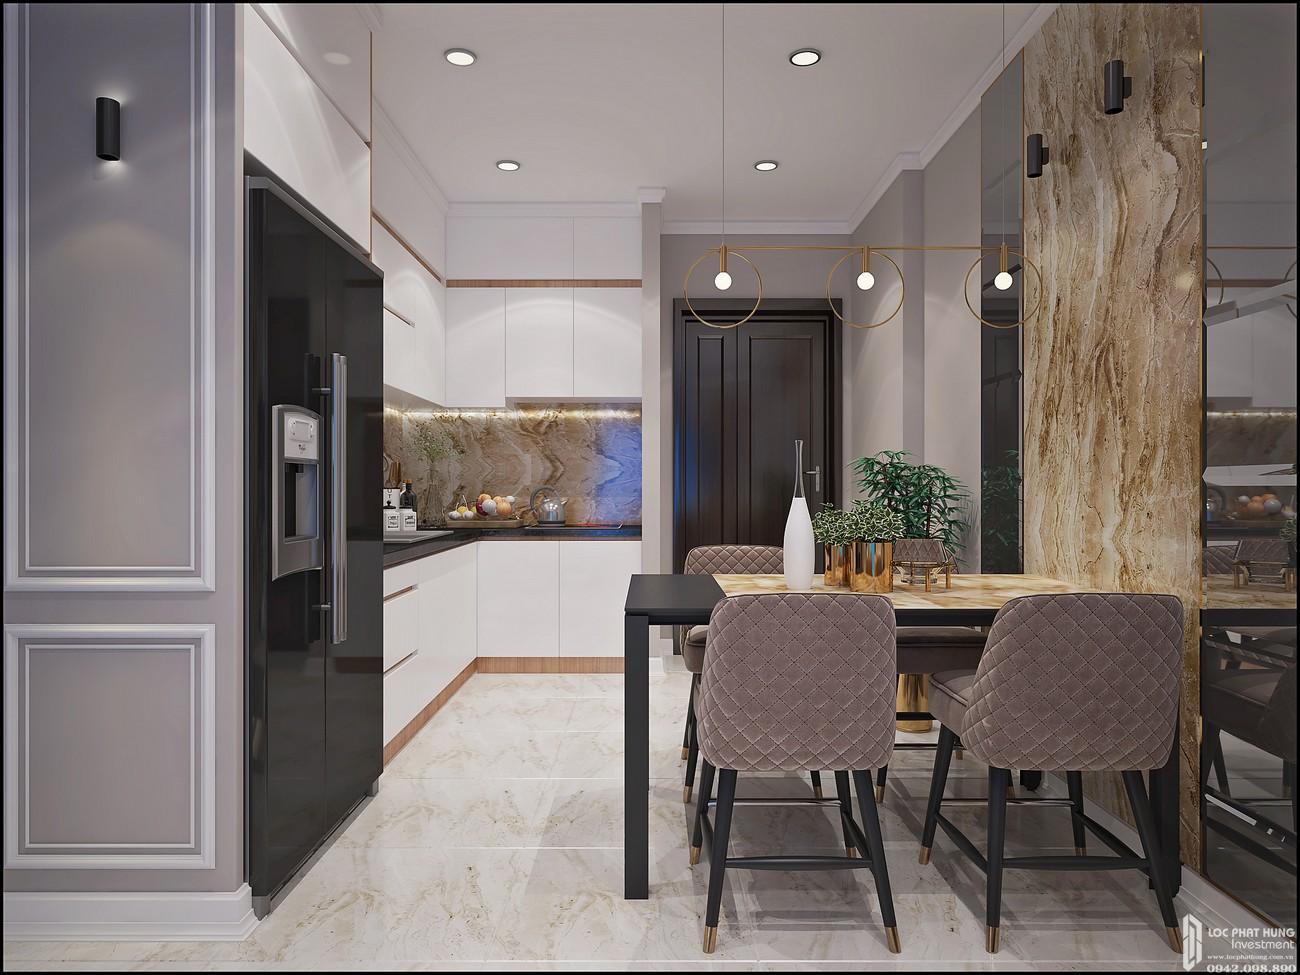 Phòng bếp dự án Căn Hộ chung cư Bcons Miền Đông Dĩ An Đường Tân Lập chủ đầu tư Bcons